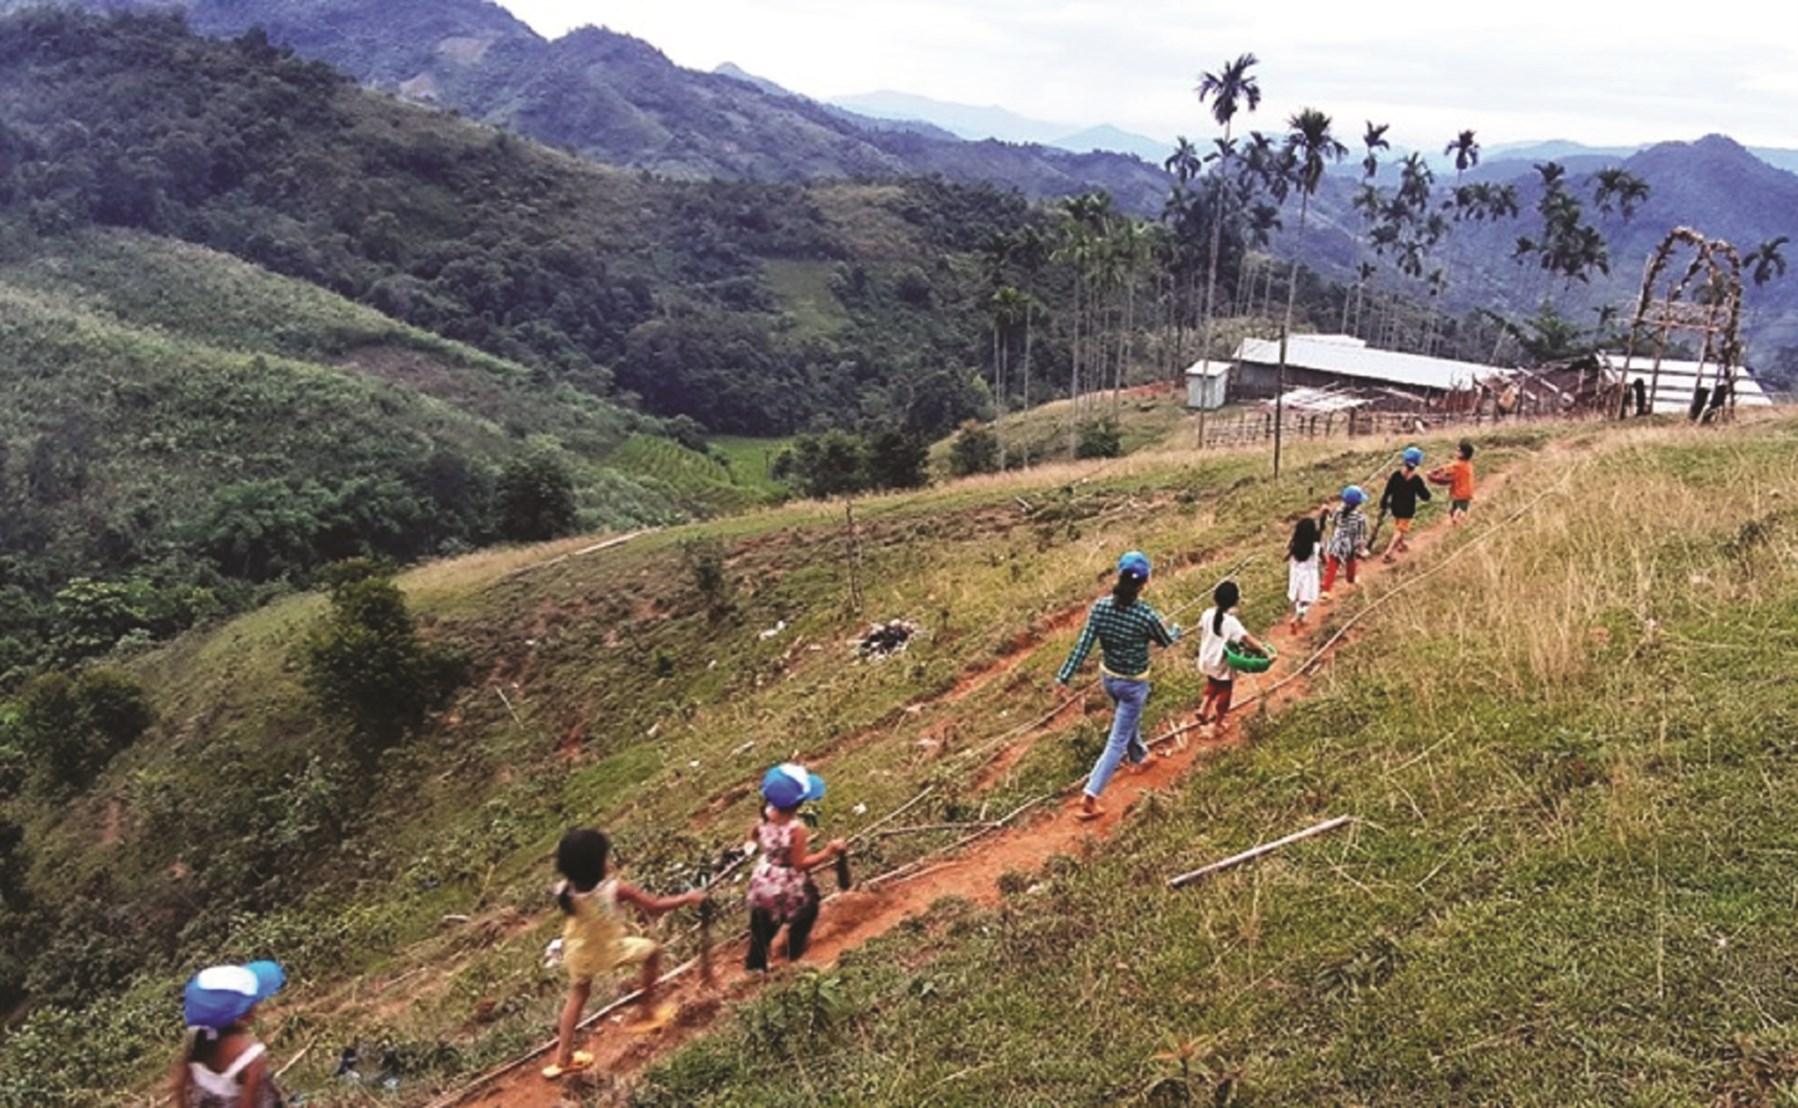 Cô giáo Úi cùng học trò đi hái rau rừng để cải thiện bữa ăn.